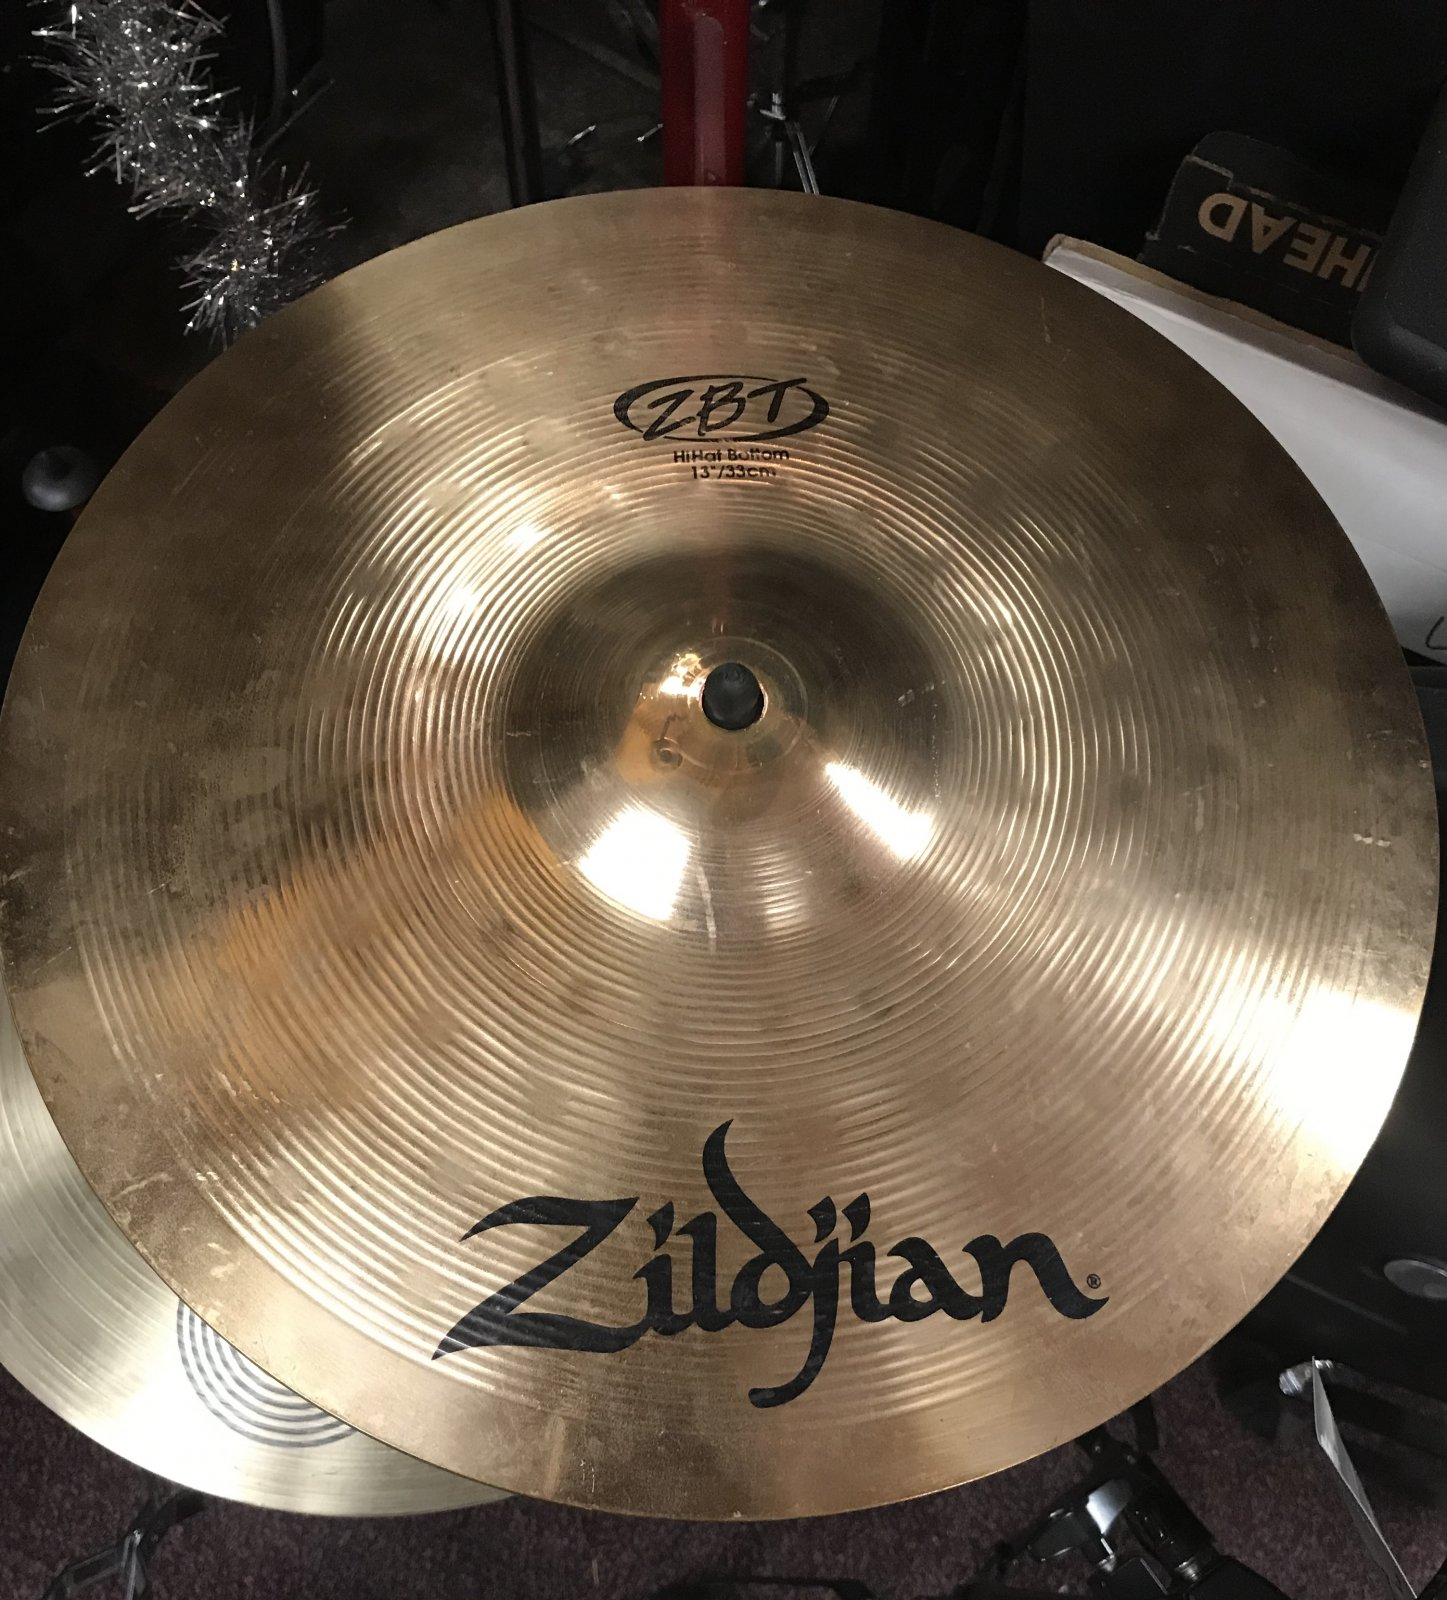 Used Zildjen ZBT 13 Hi Hats